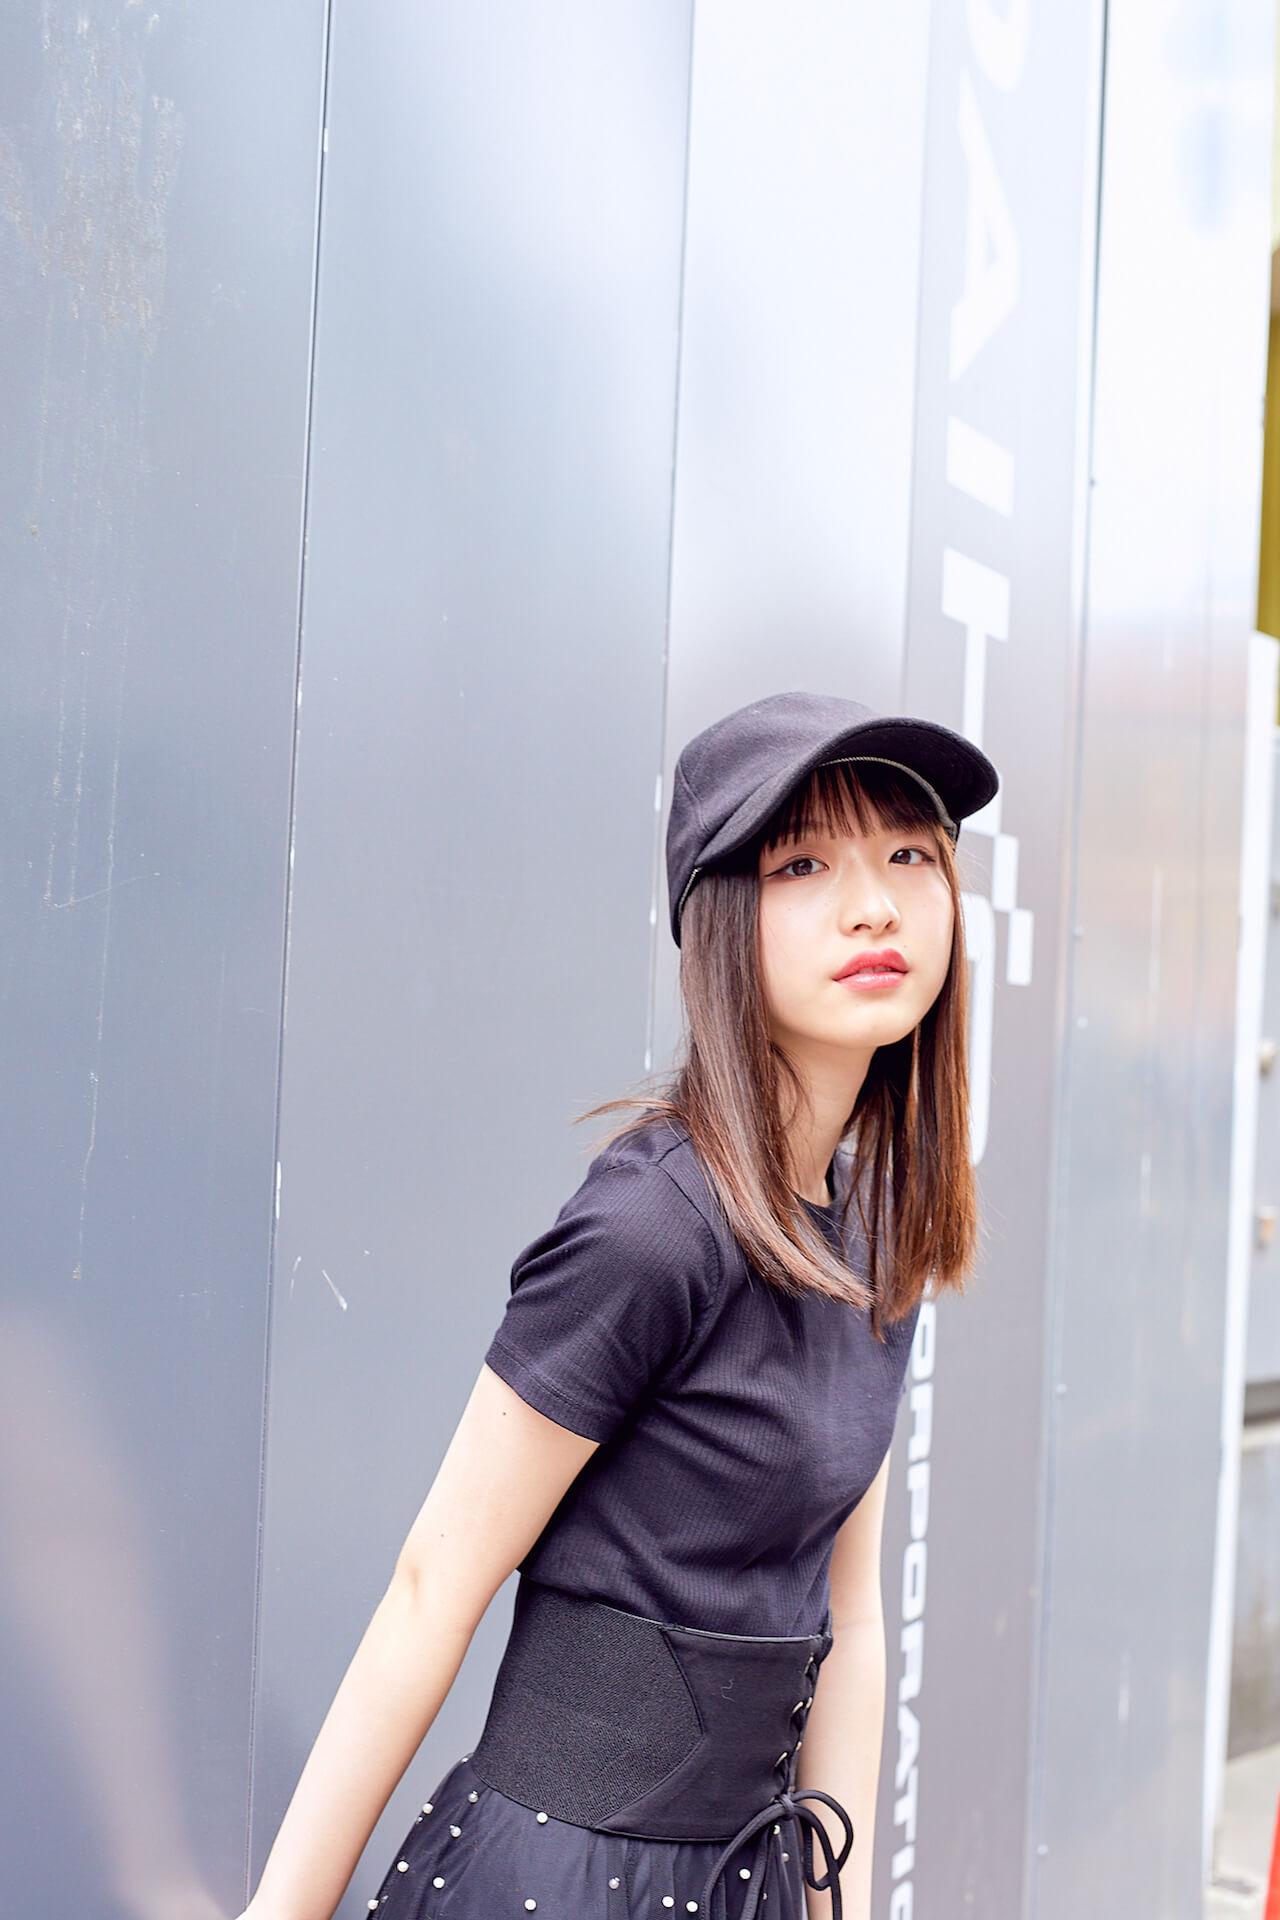 内田珠鈴はなぜ、自分をさらけ出そうと思ったのか? 初EP『光の中を泳ぐ』について語る interview190517-uchida-shuri-7